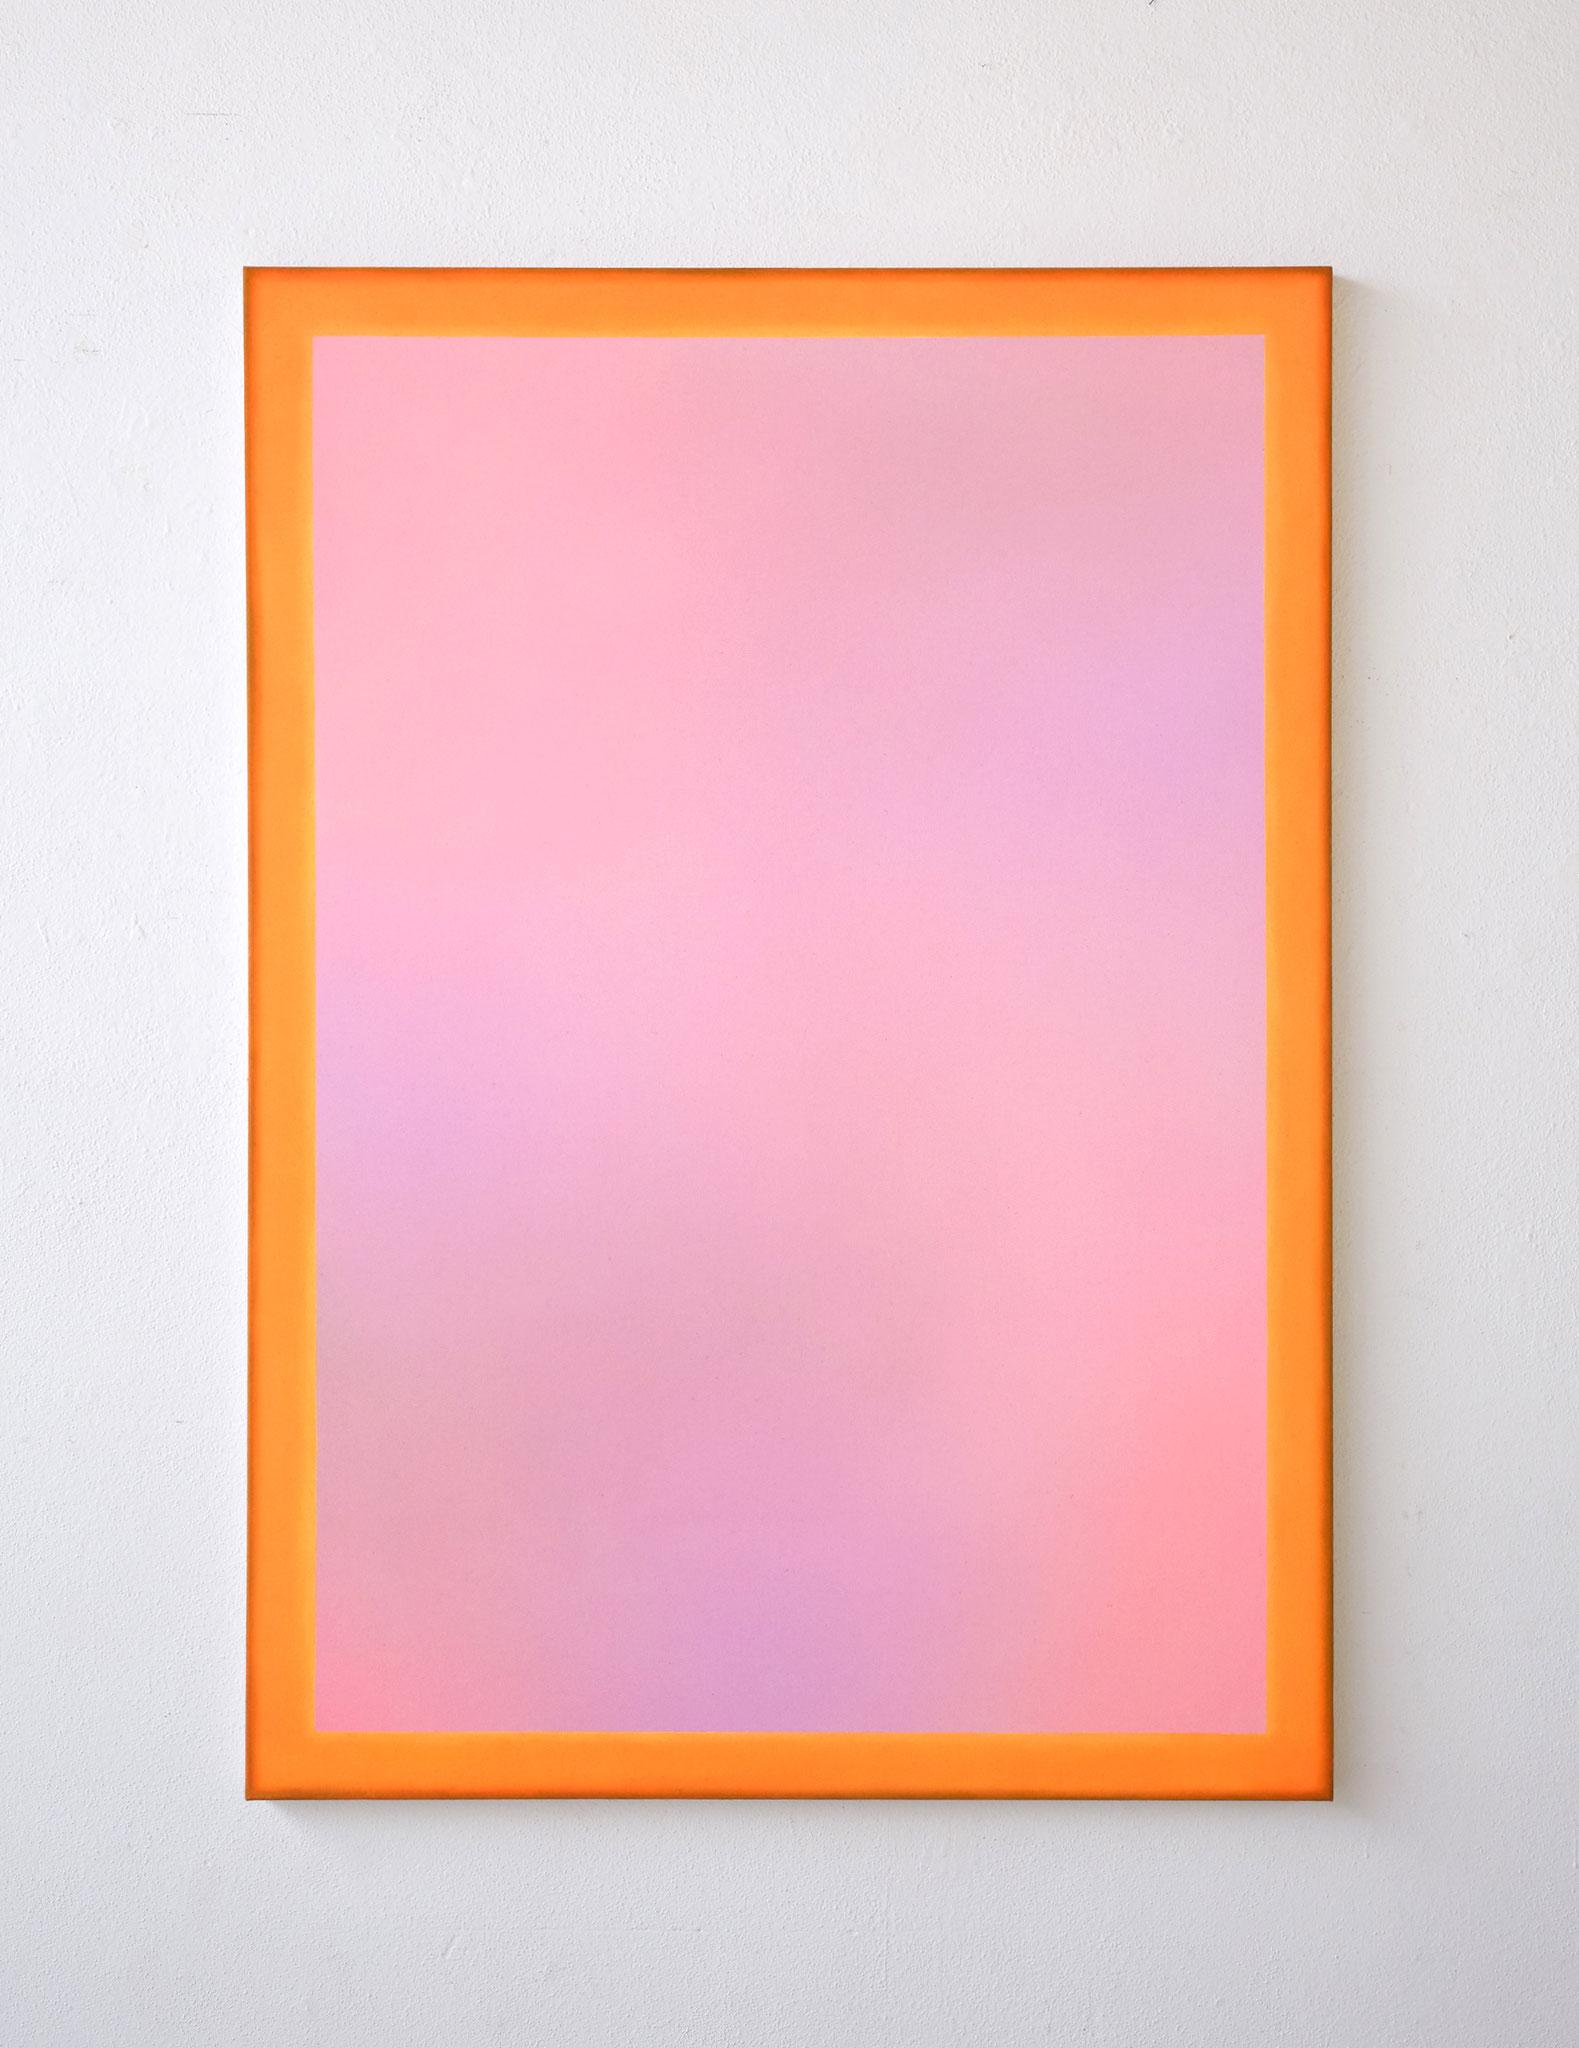 """Alina Birkner """"Untitled (Rose and Orange)"""" 2019, 170x120 cm, Acrylic on Canvas"""